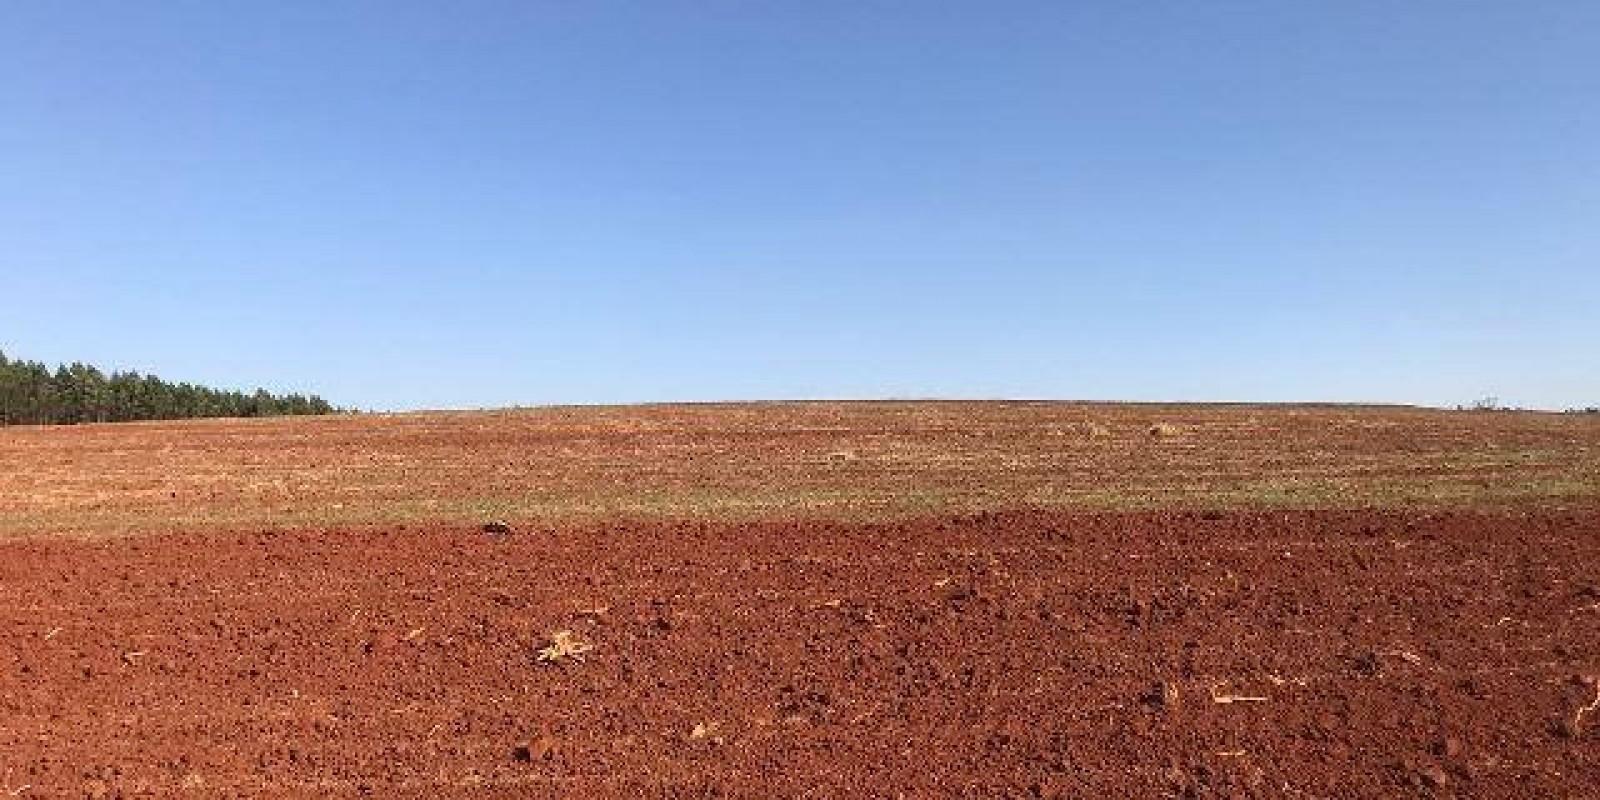 Fazenda de 40 Alqueires, Município de Sarutaiá Sp - Foto 16 de 20